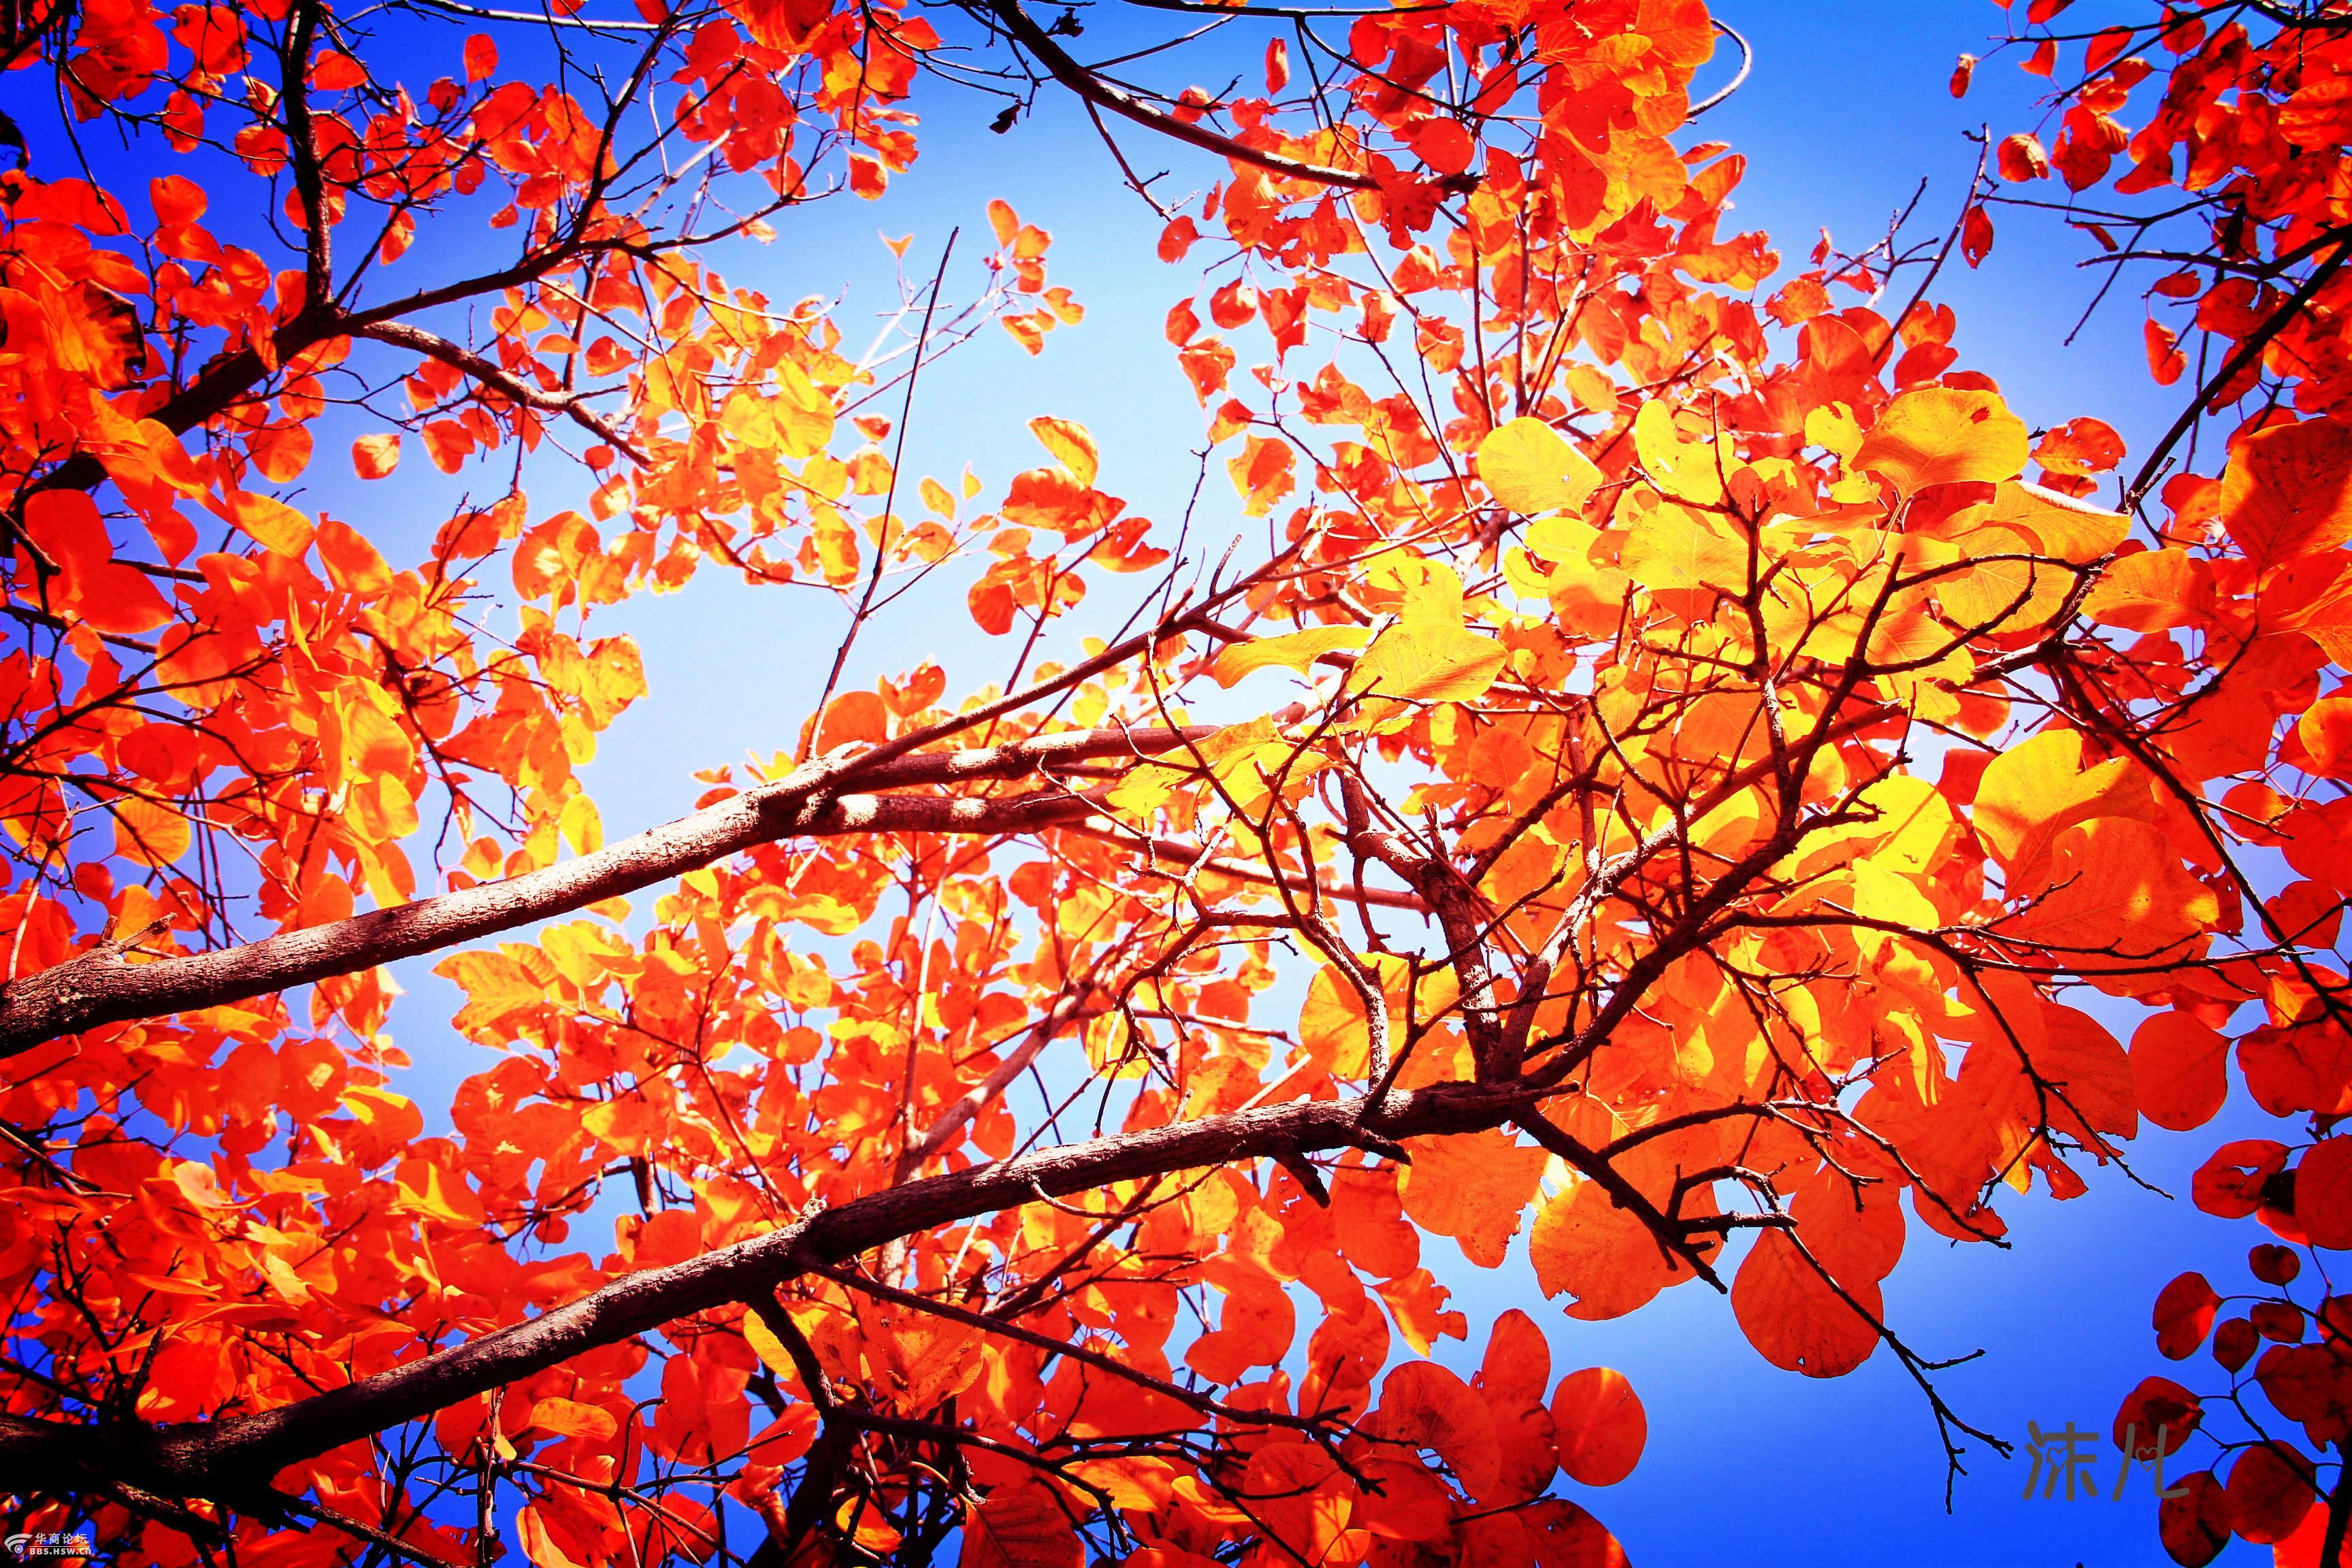 【奇峰户外】11月13日周六大小山岔芒草荡,赏红叶摘野果一日休闲游